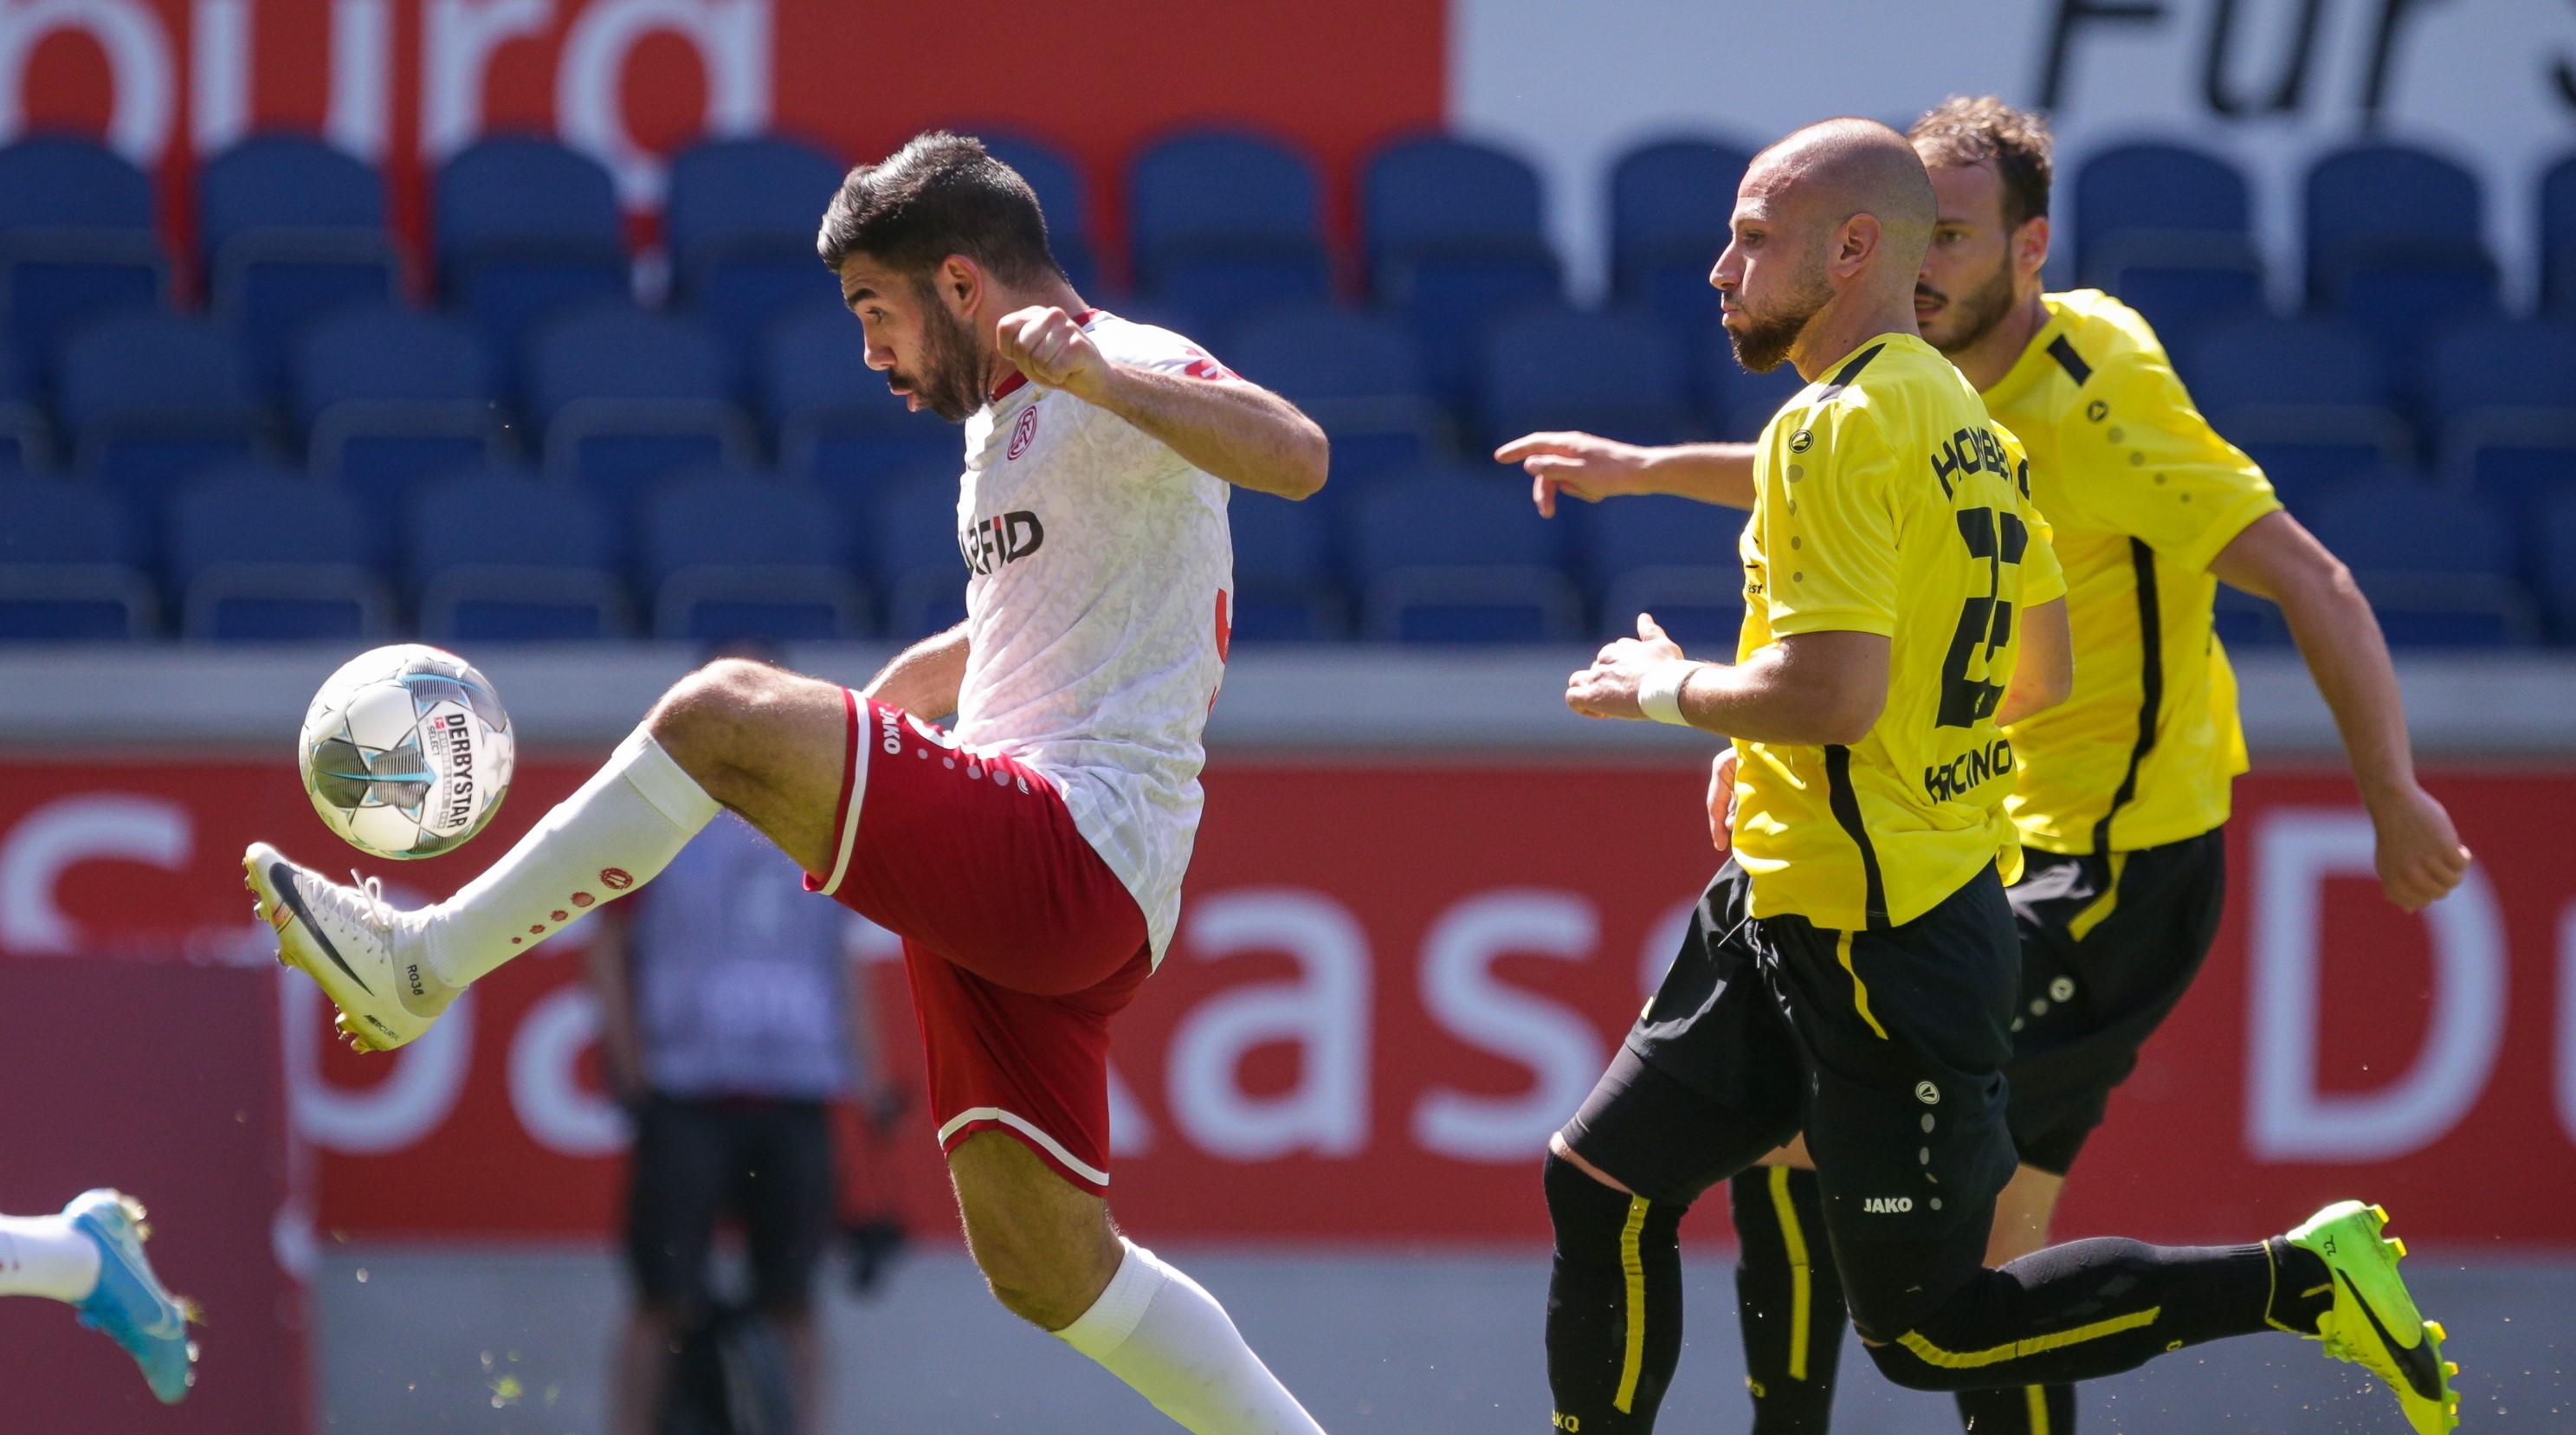 Saisonziel Klassenerhalt: Der VfB Homberg will sich mit dem ehemaligen U23-Trainer Sunay Acar in der Regionalliga festbeißen. (Foto: Endberg)